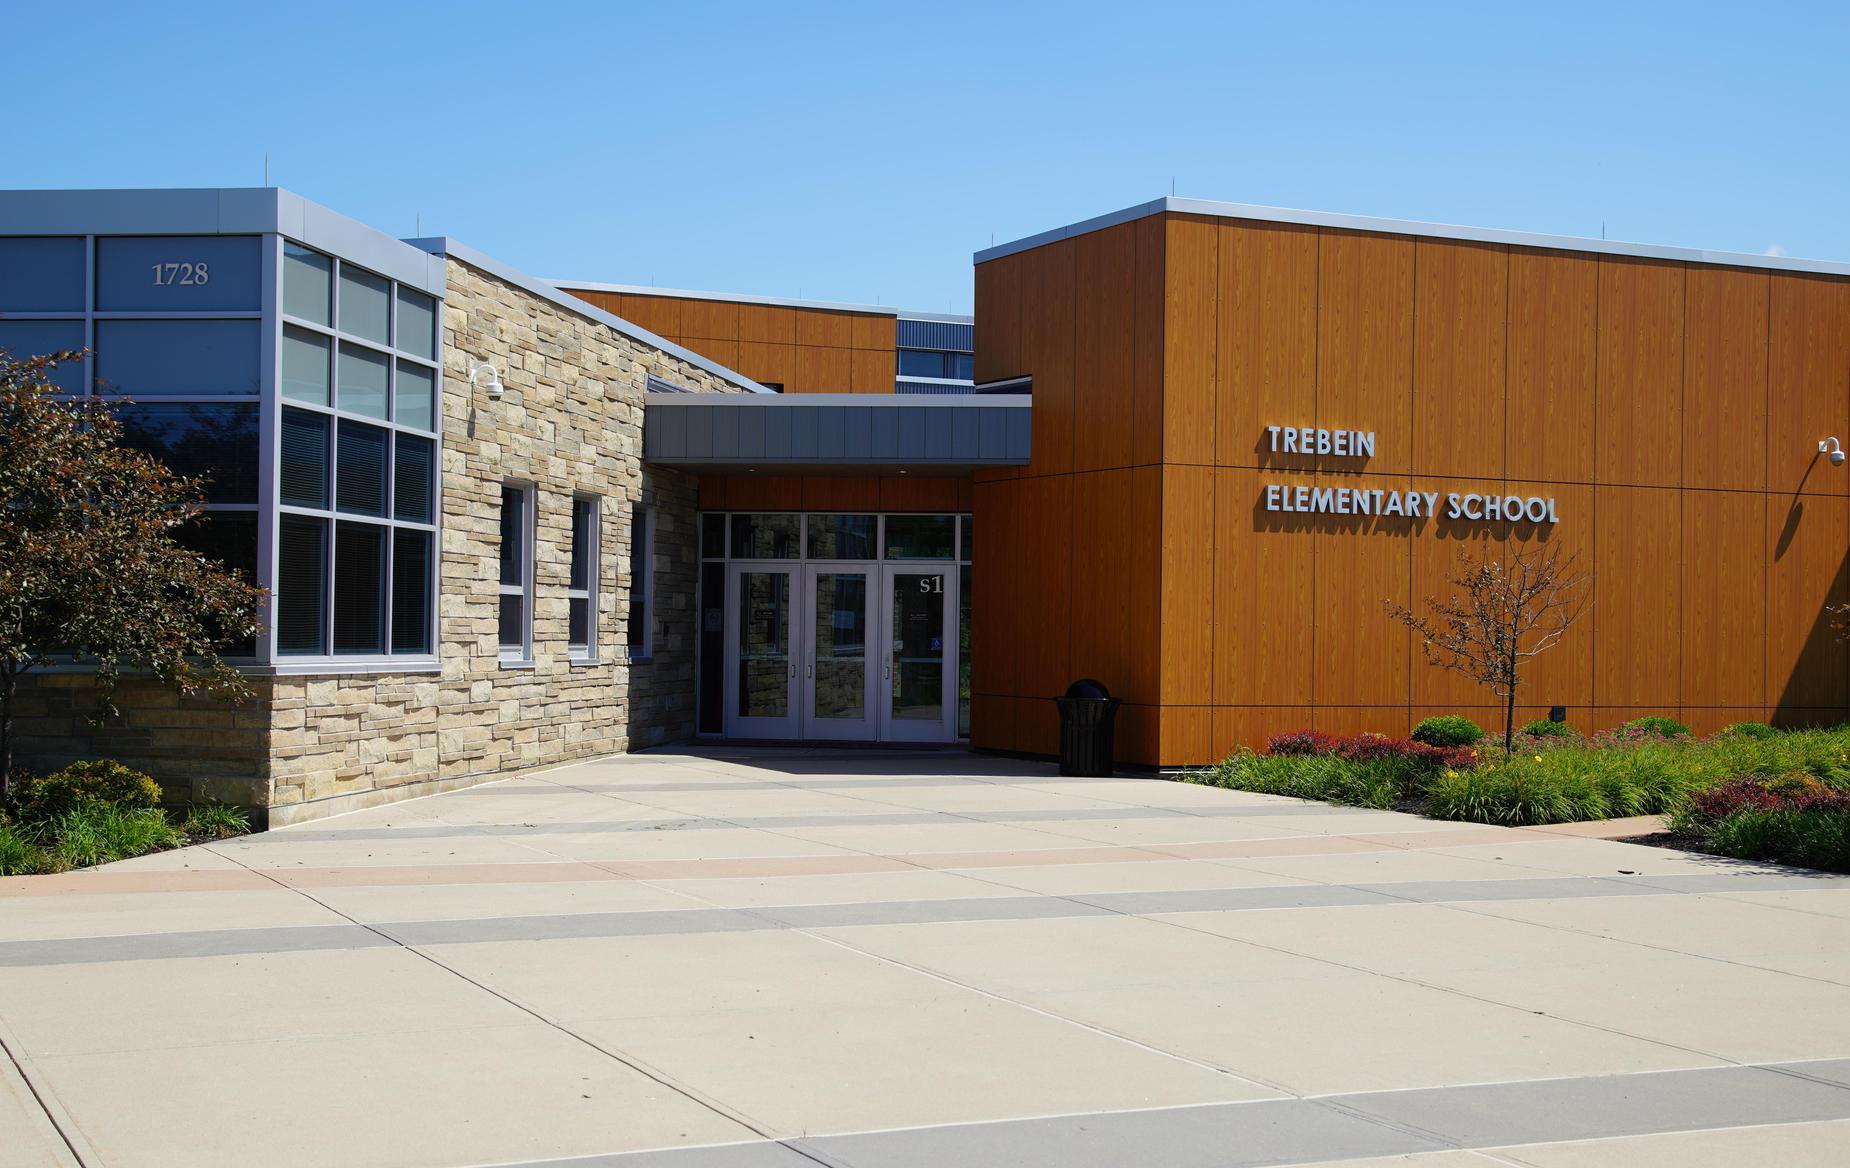 Trebein Elementary School